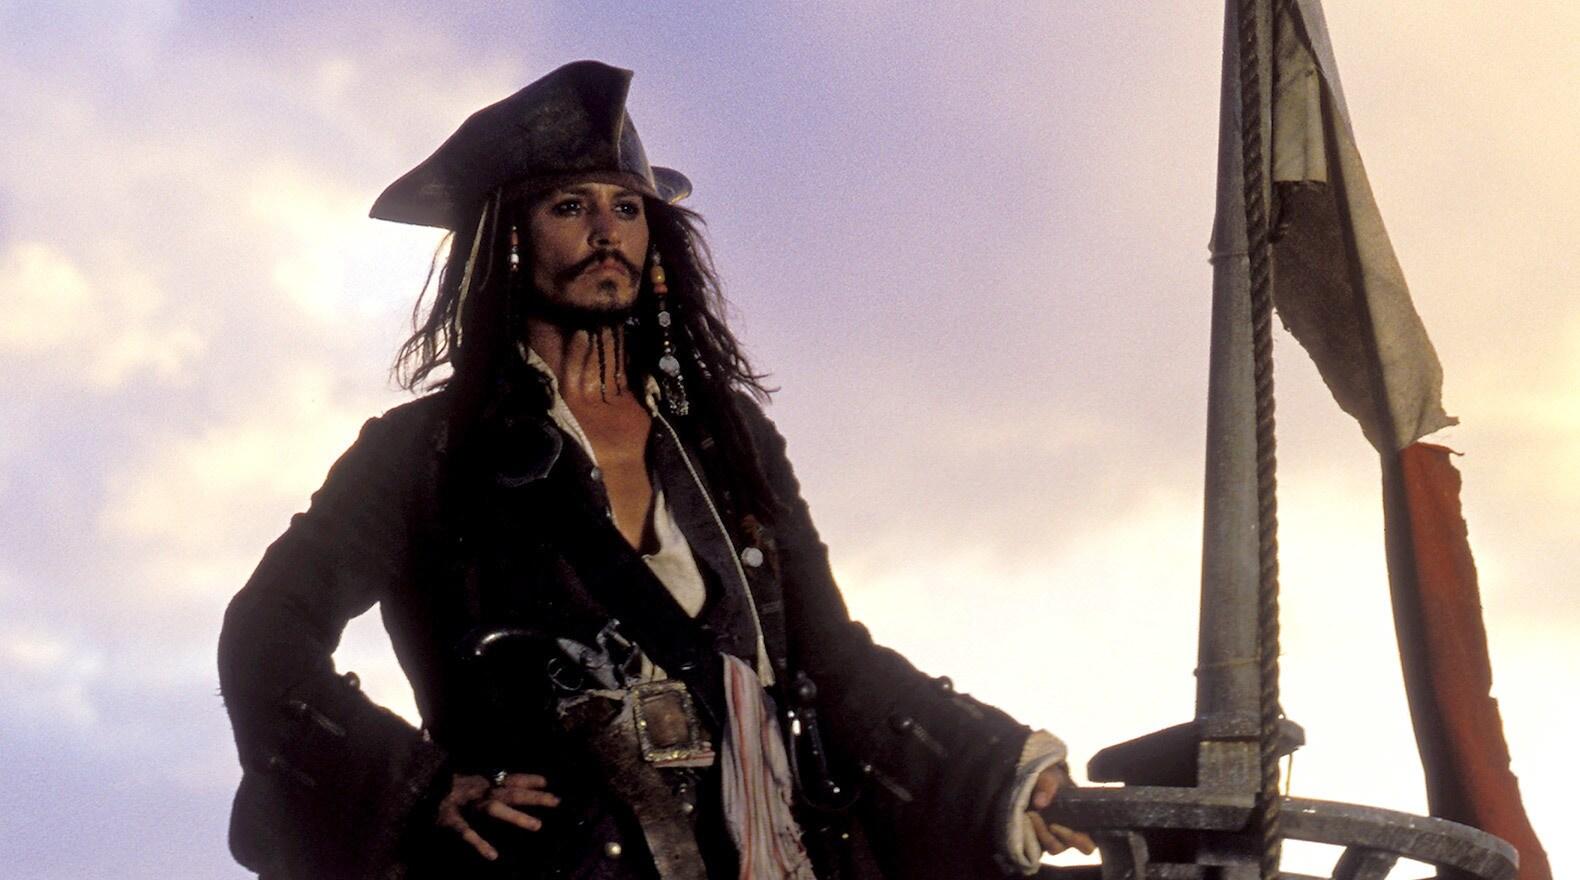 Captain Jack Sparrow makes port.